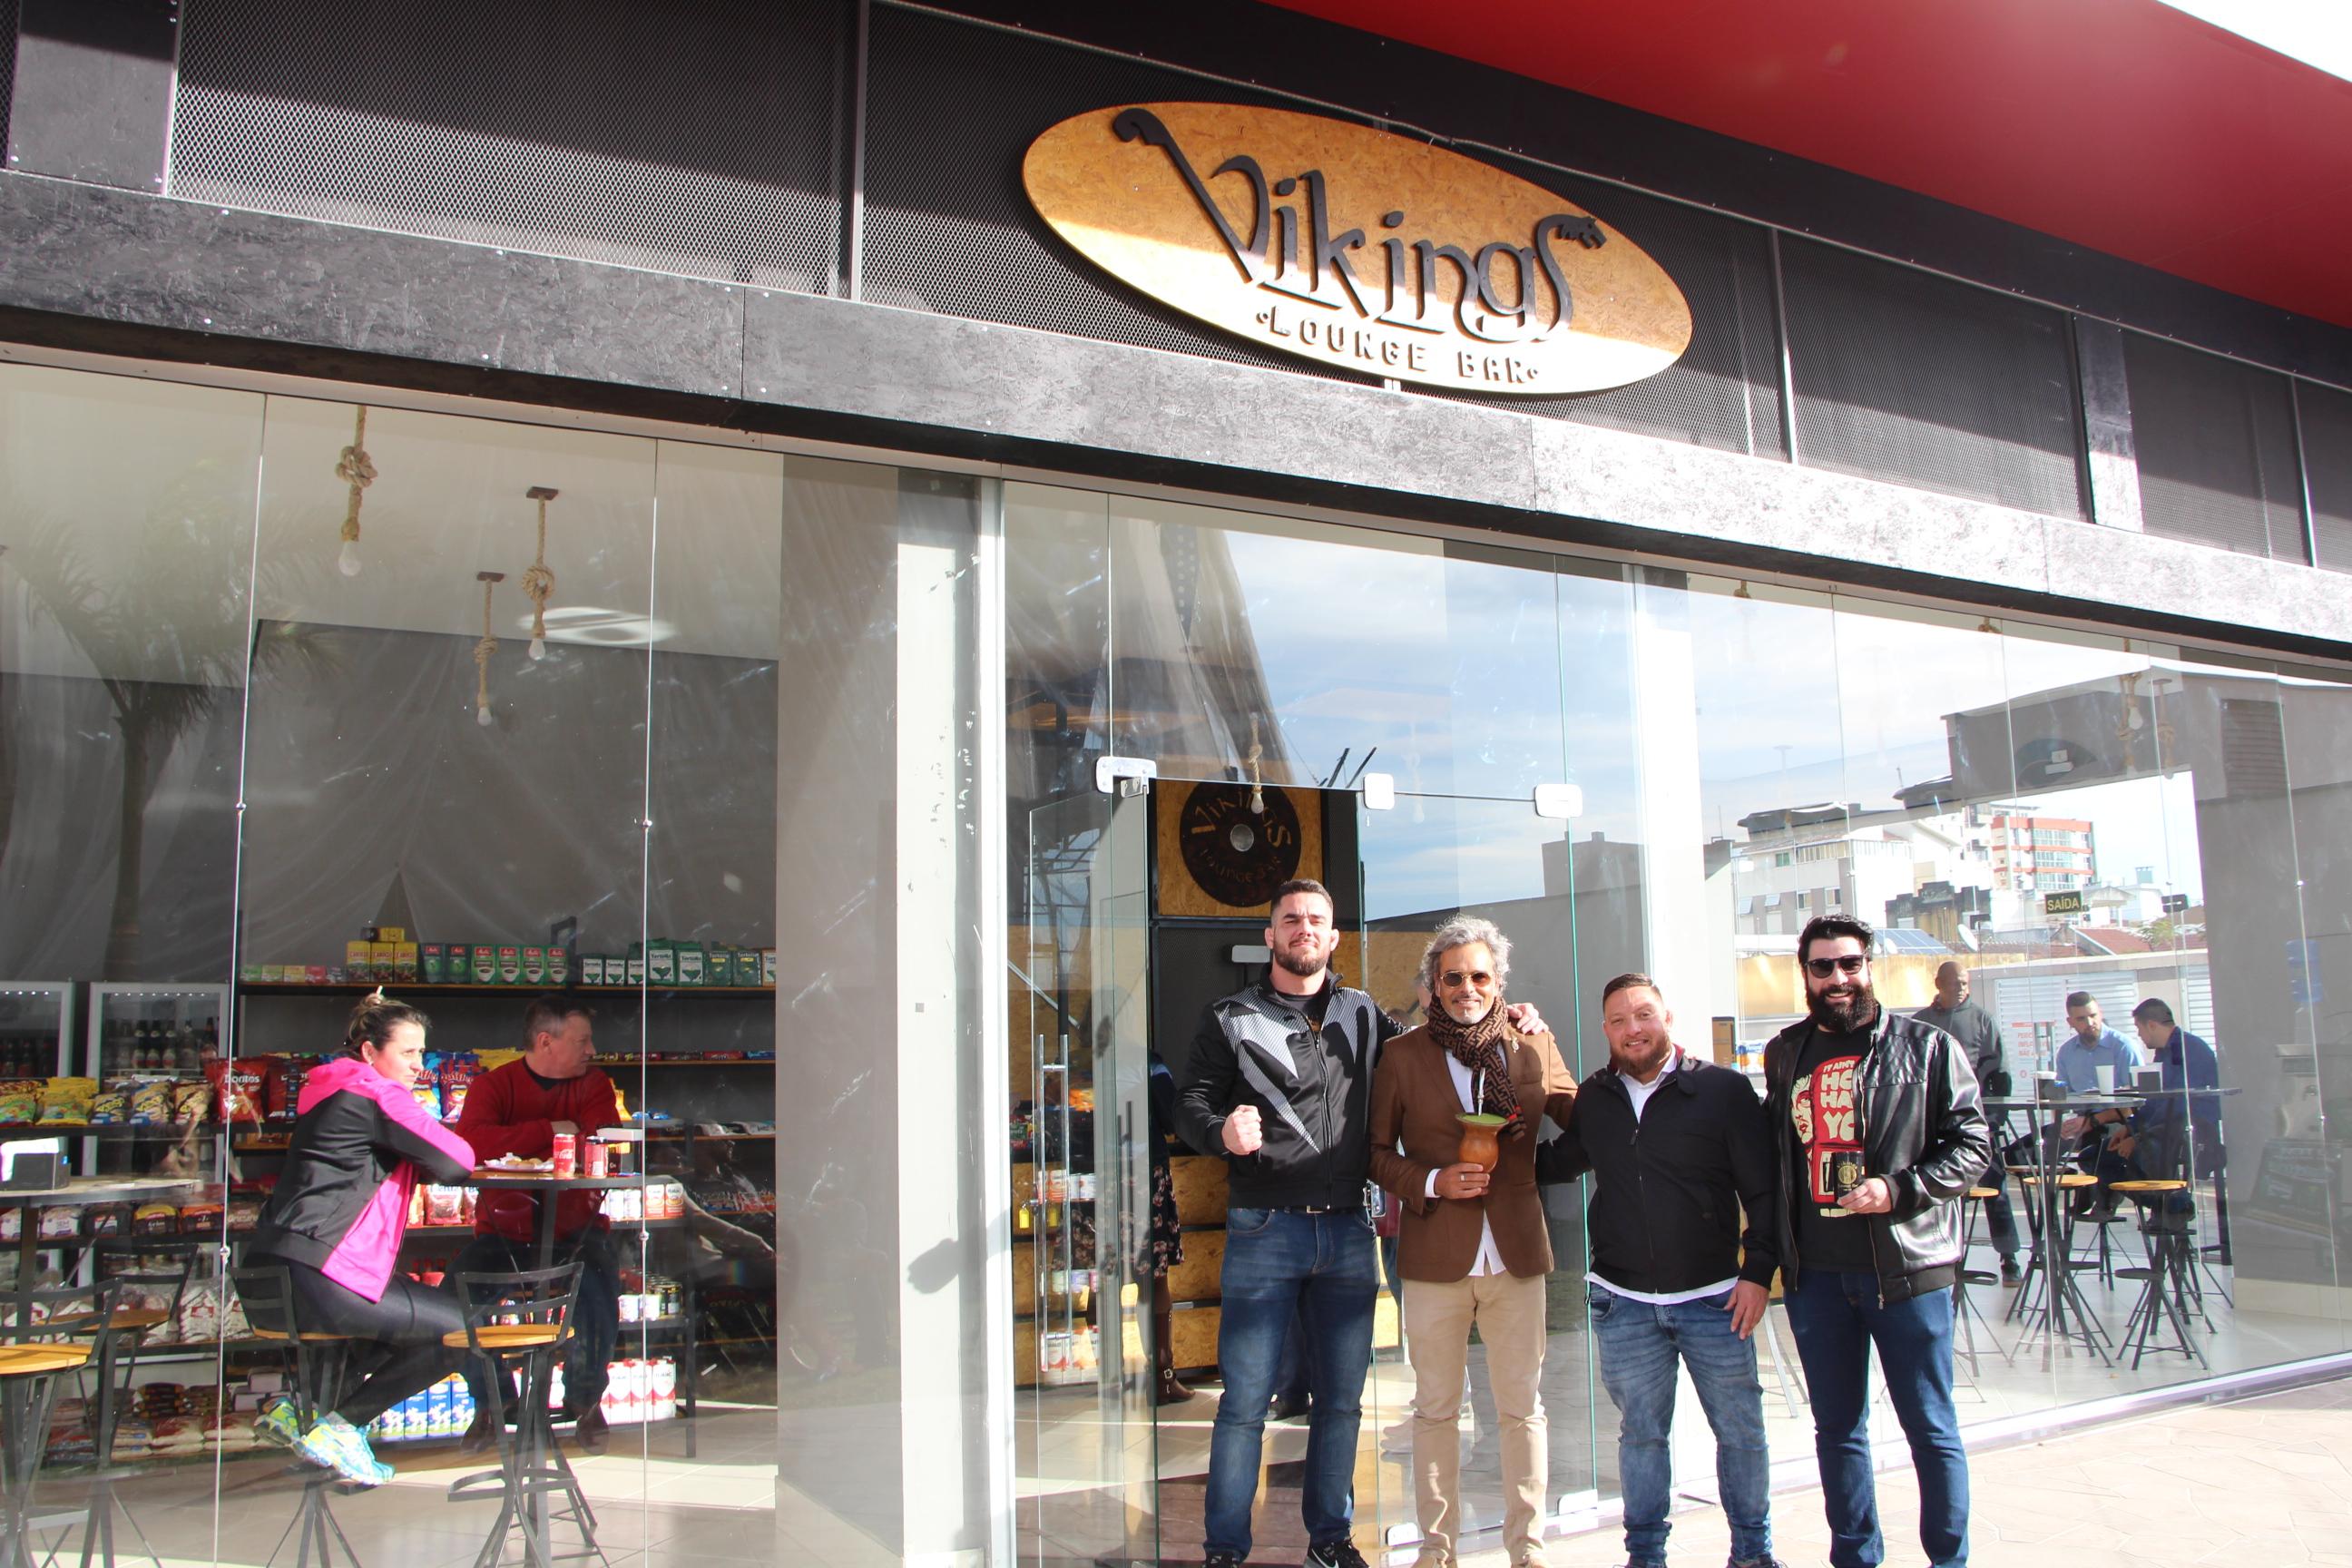 Vikings Lounge Bar é inaugurado no Boulevard do Empreendimento Espírito Santo